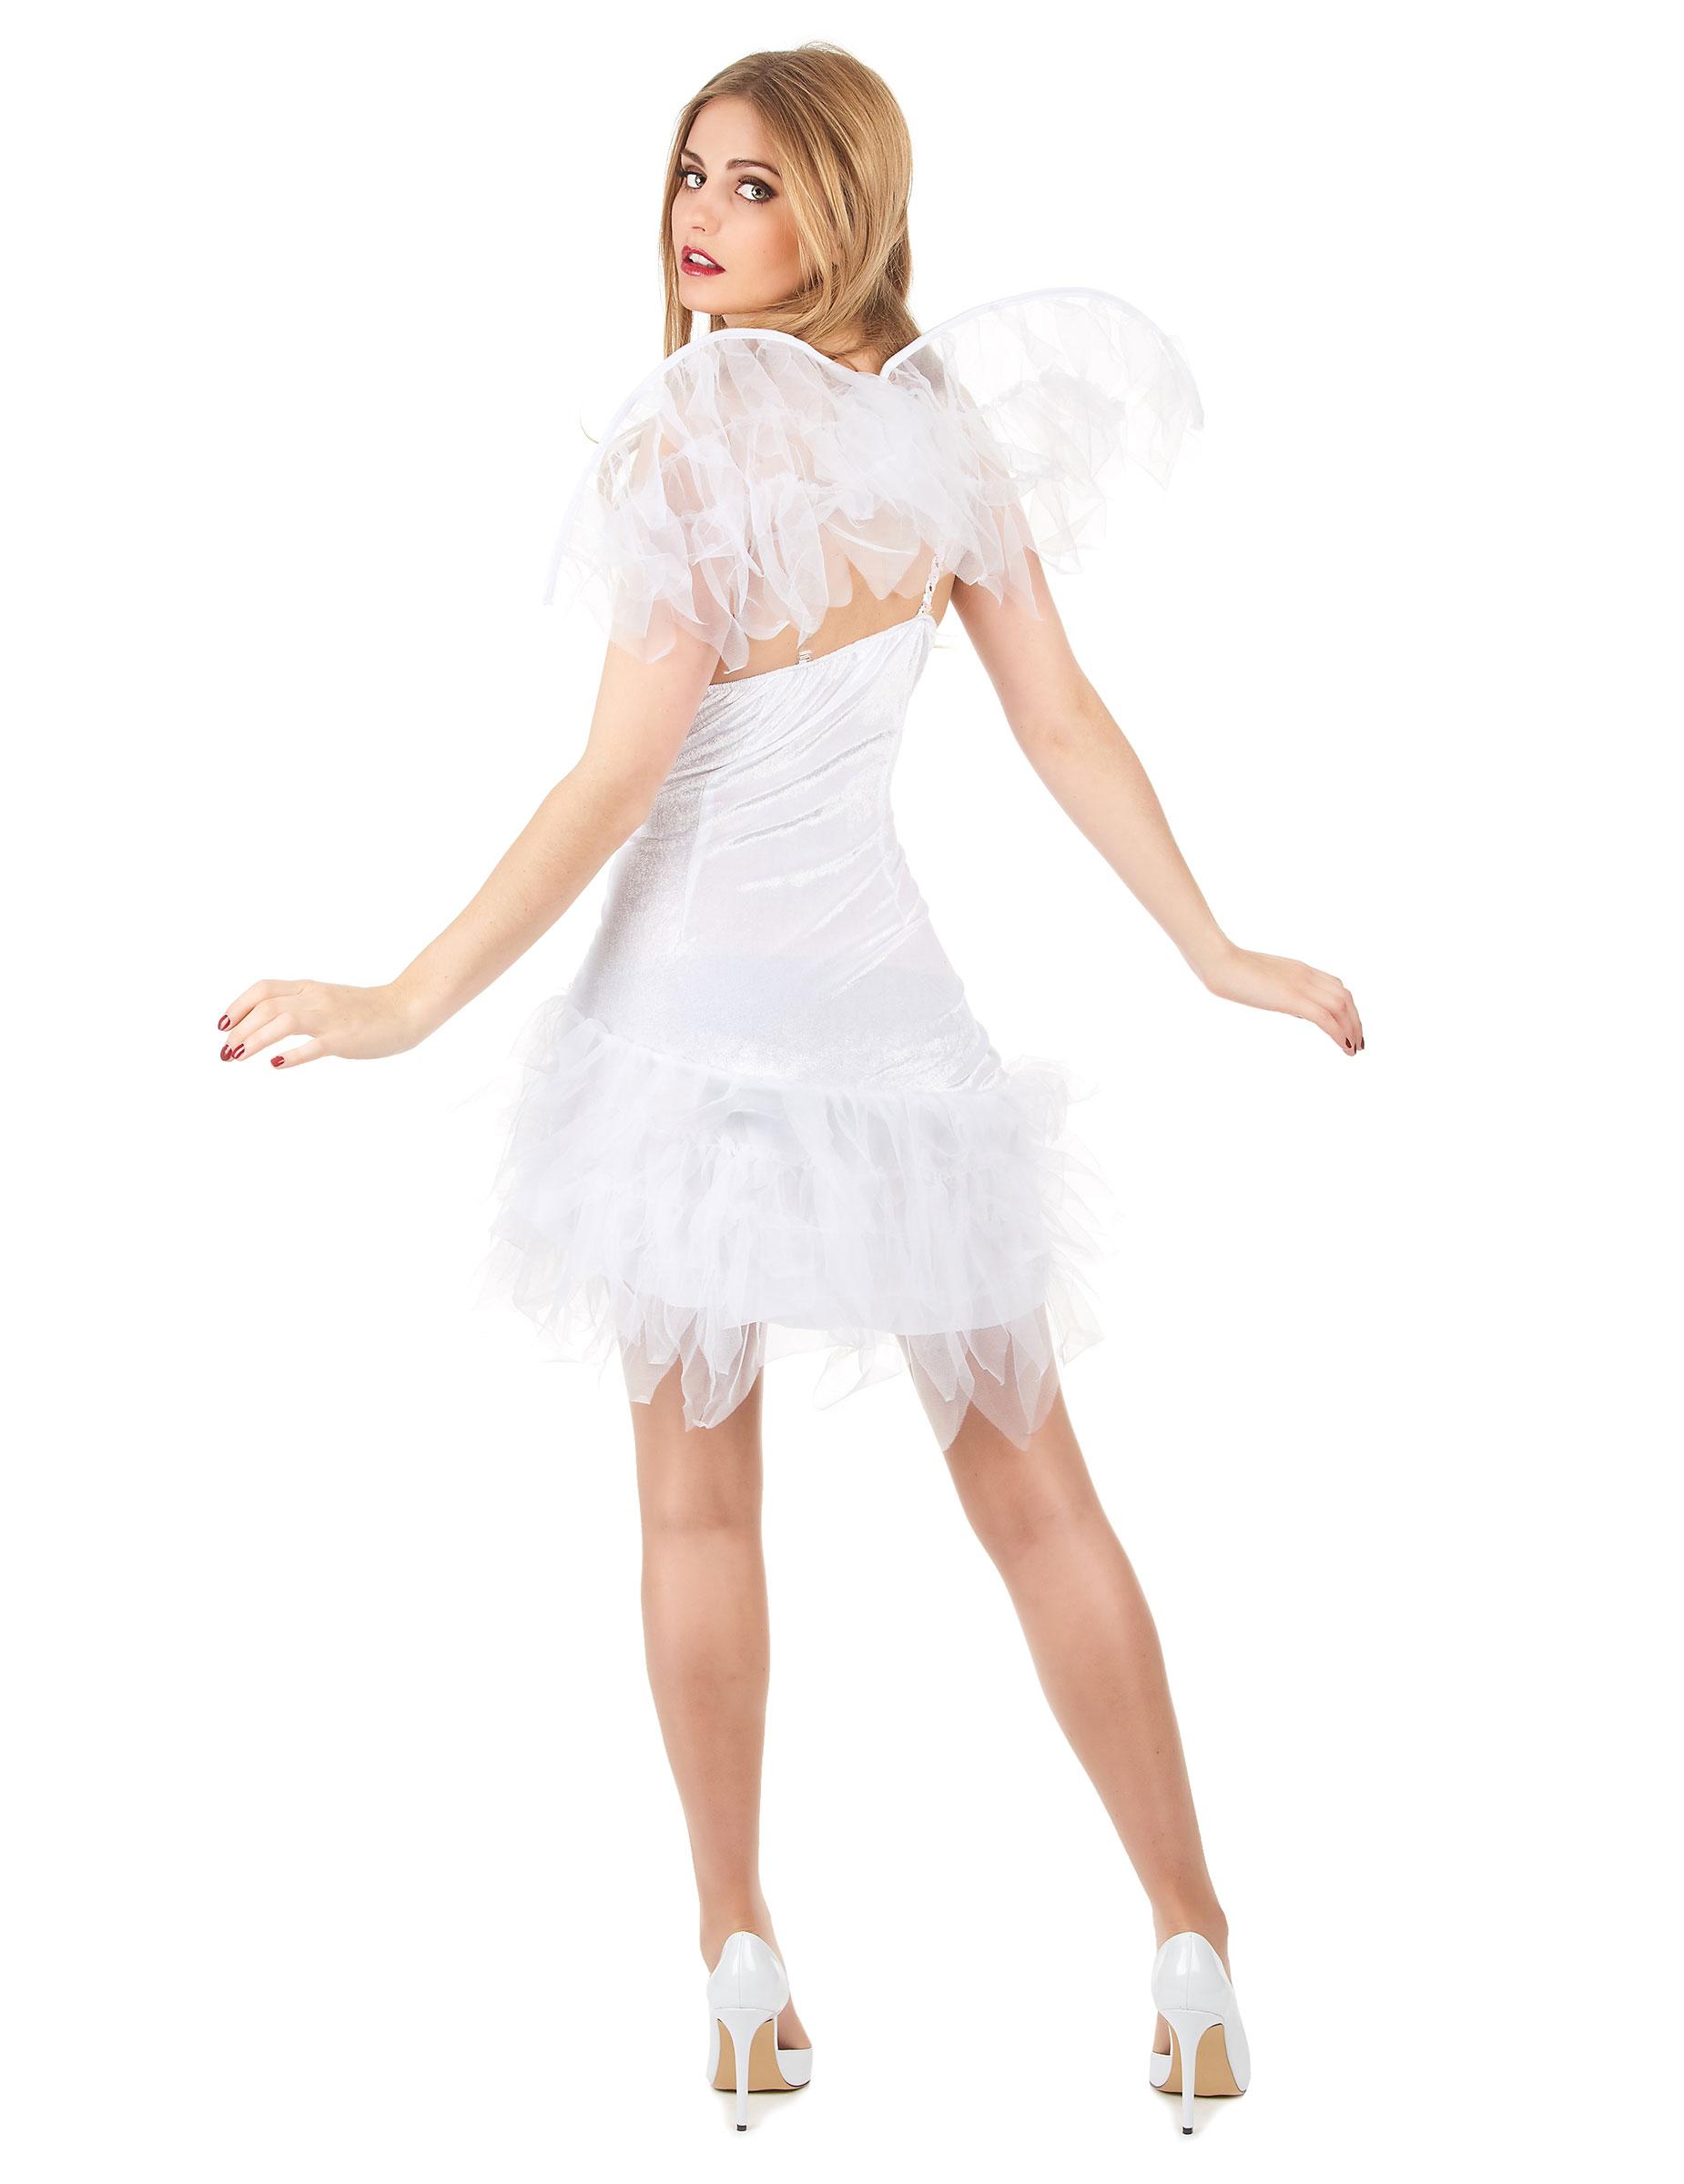 Ange Femme déguisement ange sexy femme : deguise-toi, achat de déguisements adultes